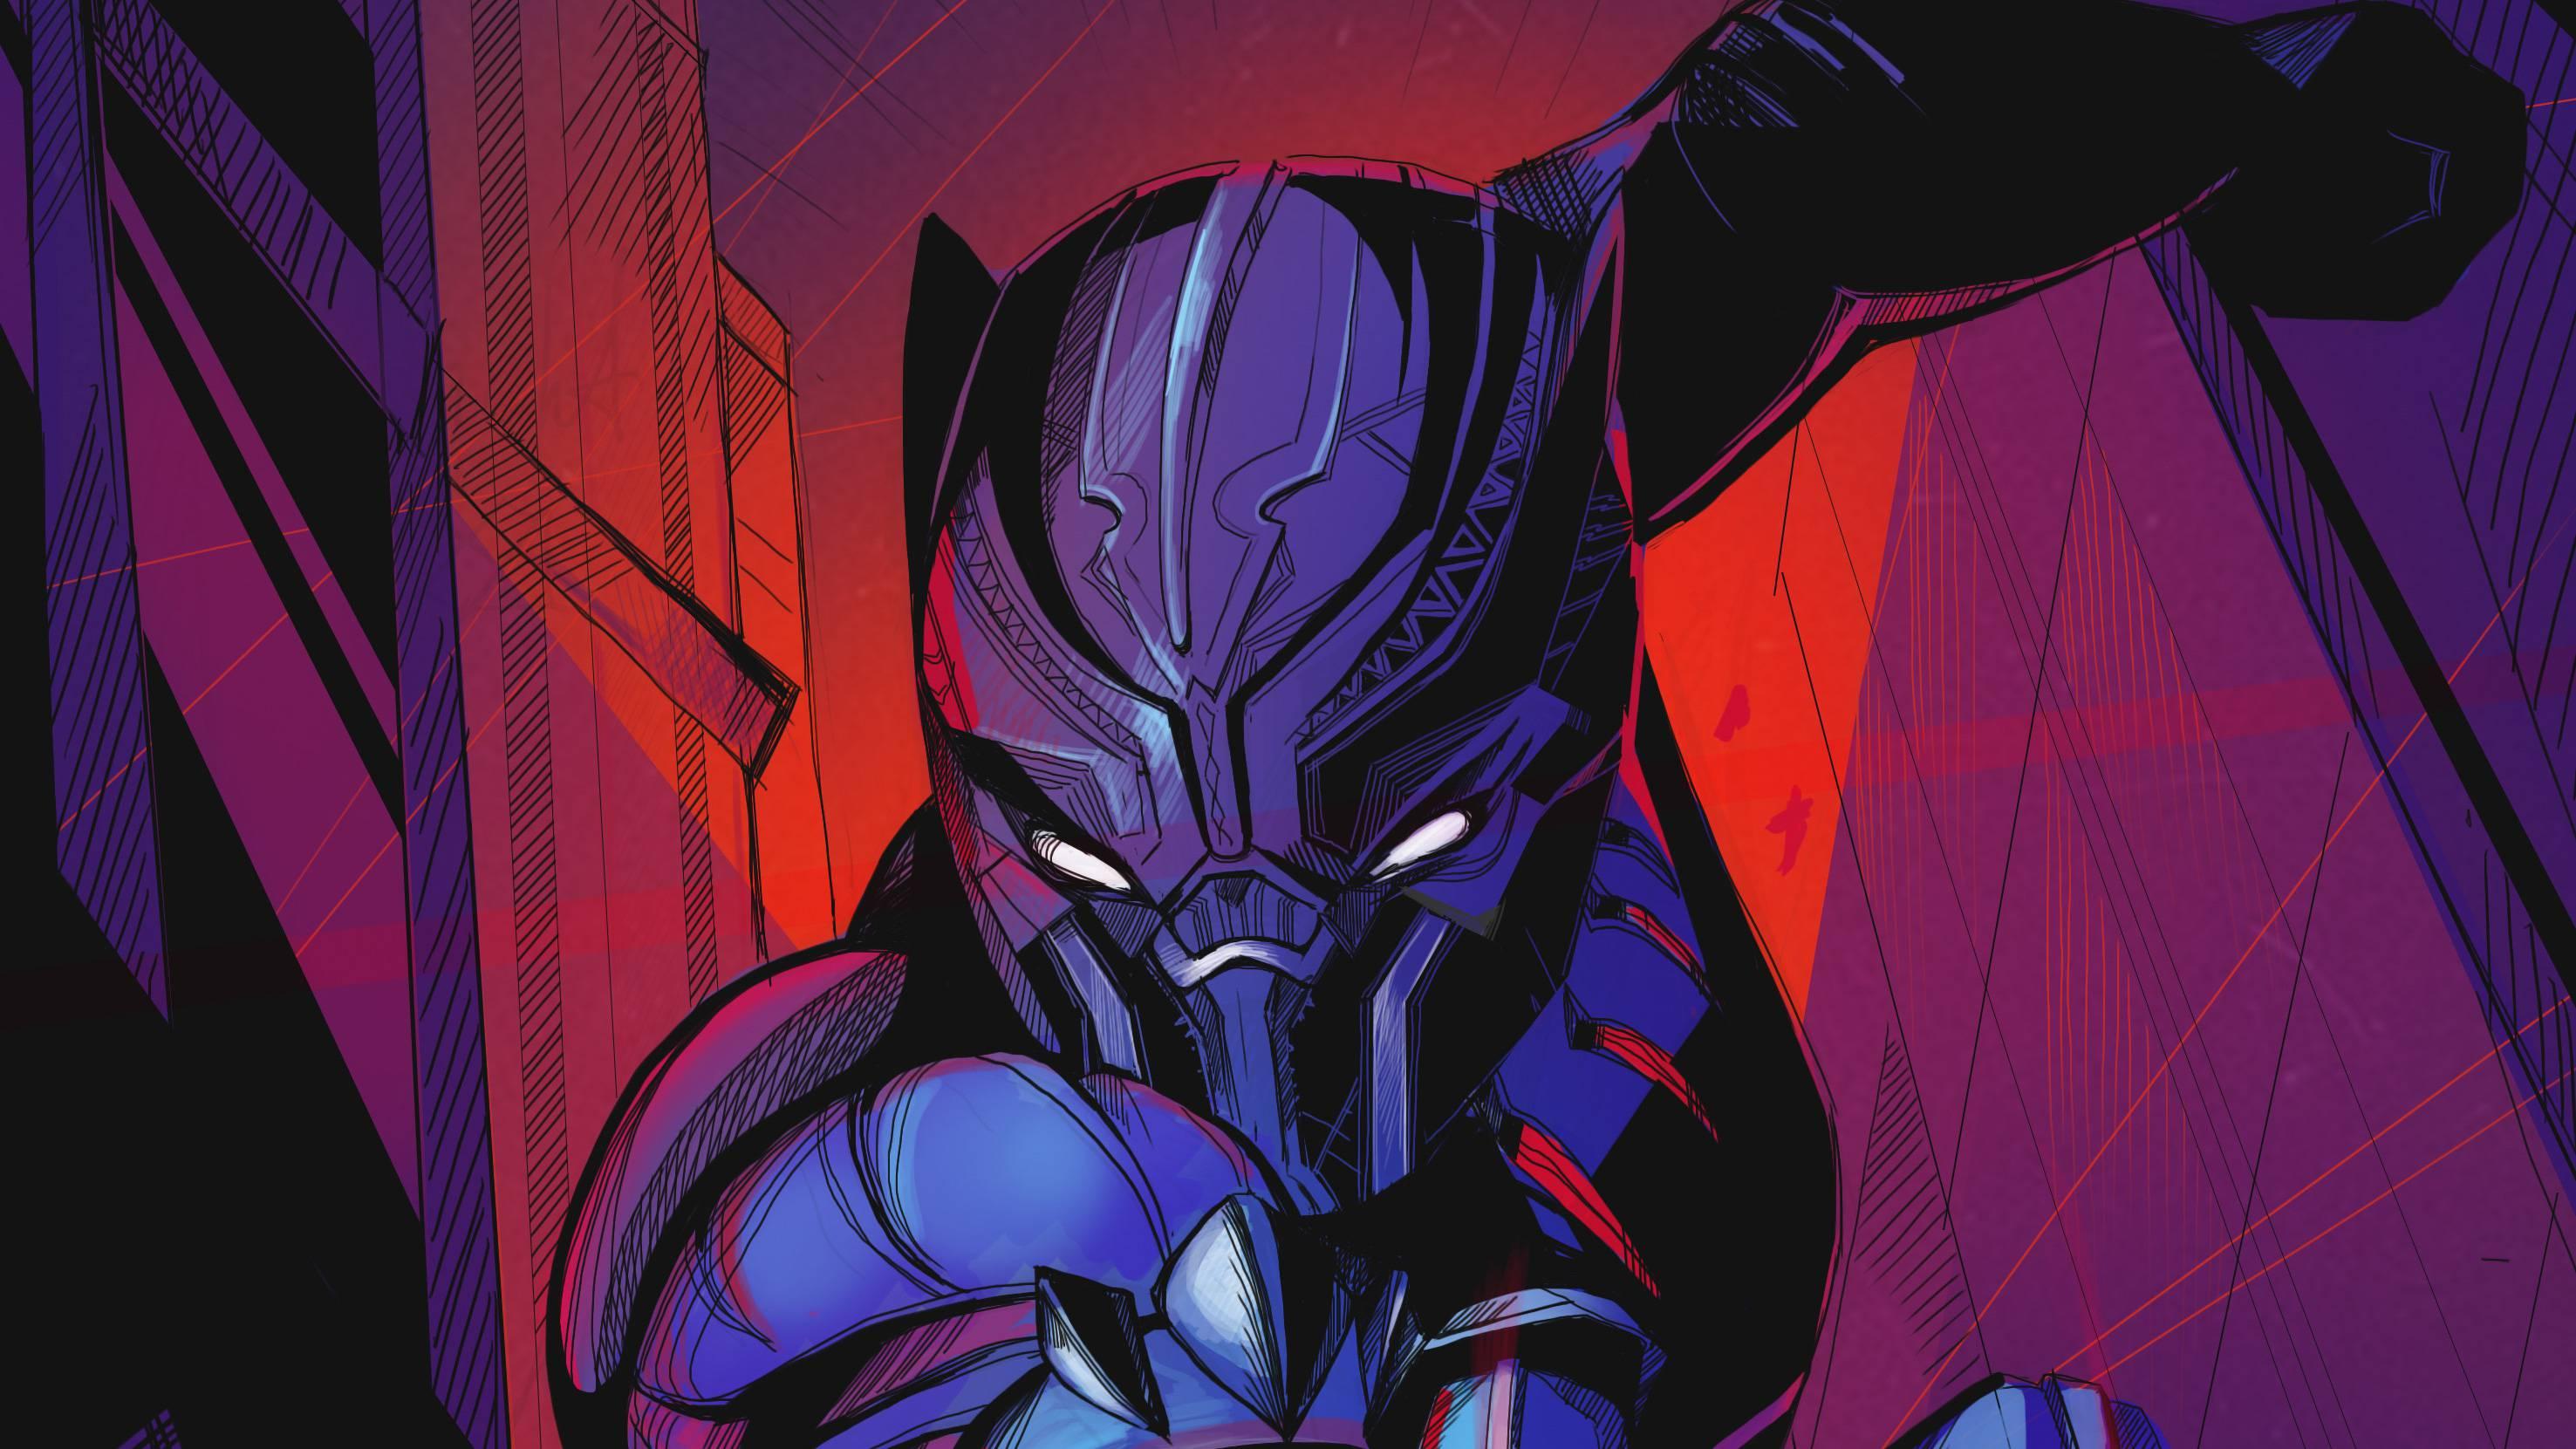 Black Panther Movie Artwork Wallpaper